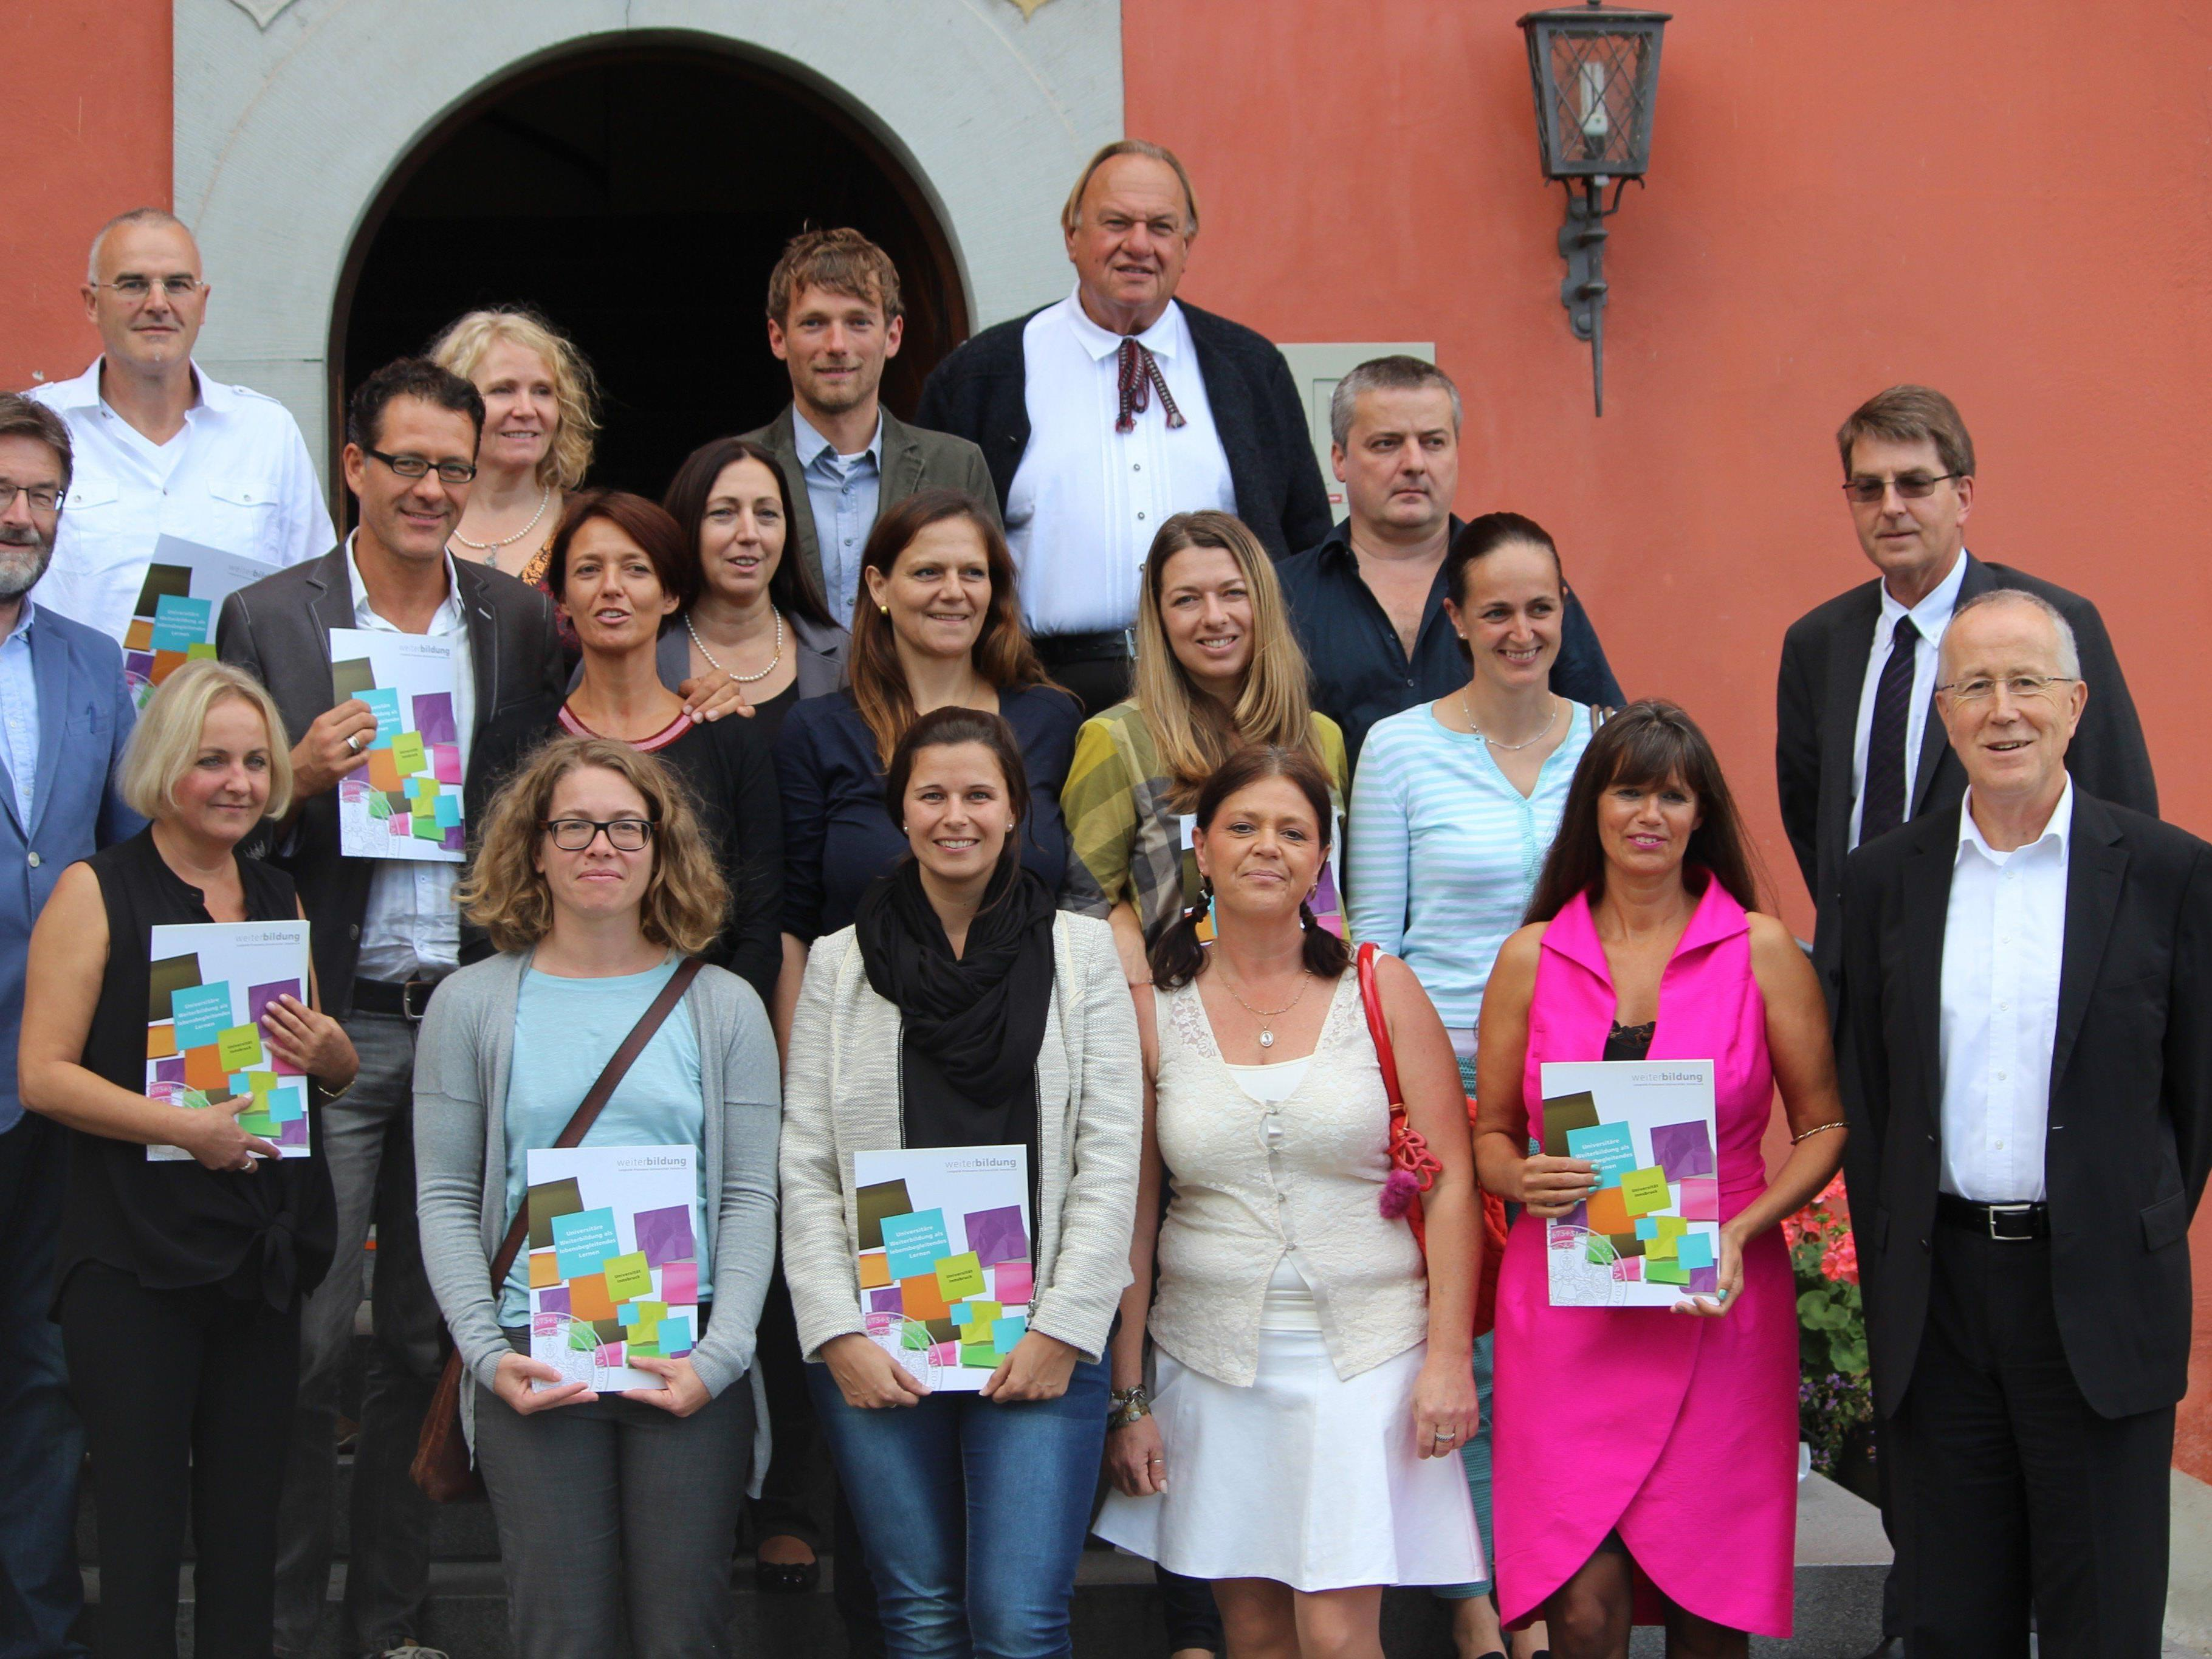 Die Absolventen und Absolventinnen des ersten akademischen Universitätslehrgangs für Sexualberatung an der Universität Innsbruck.